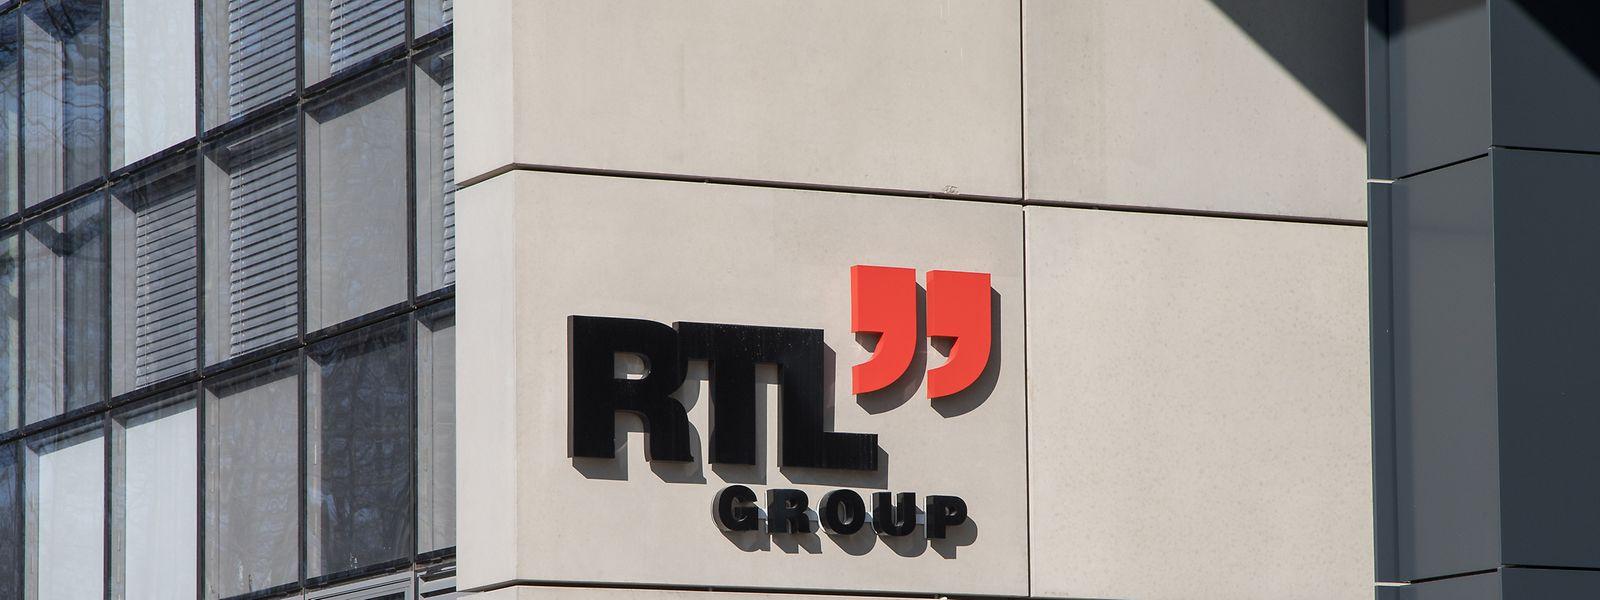 Die Gewerkschaften fragen sich, ob der Standort Luxemburg als Konzernzentrale noch abgesichert ist.